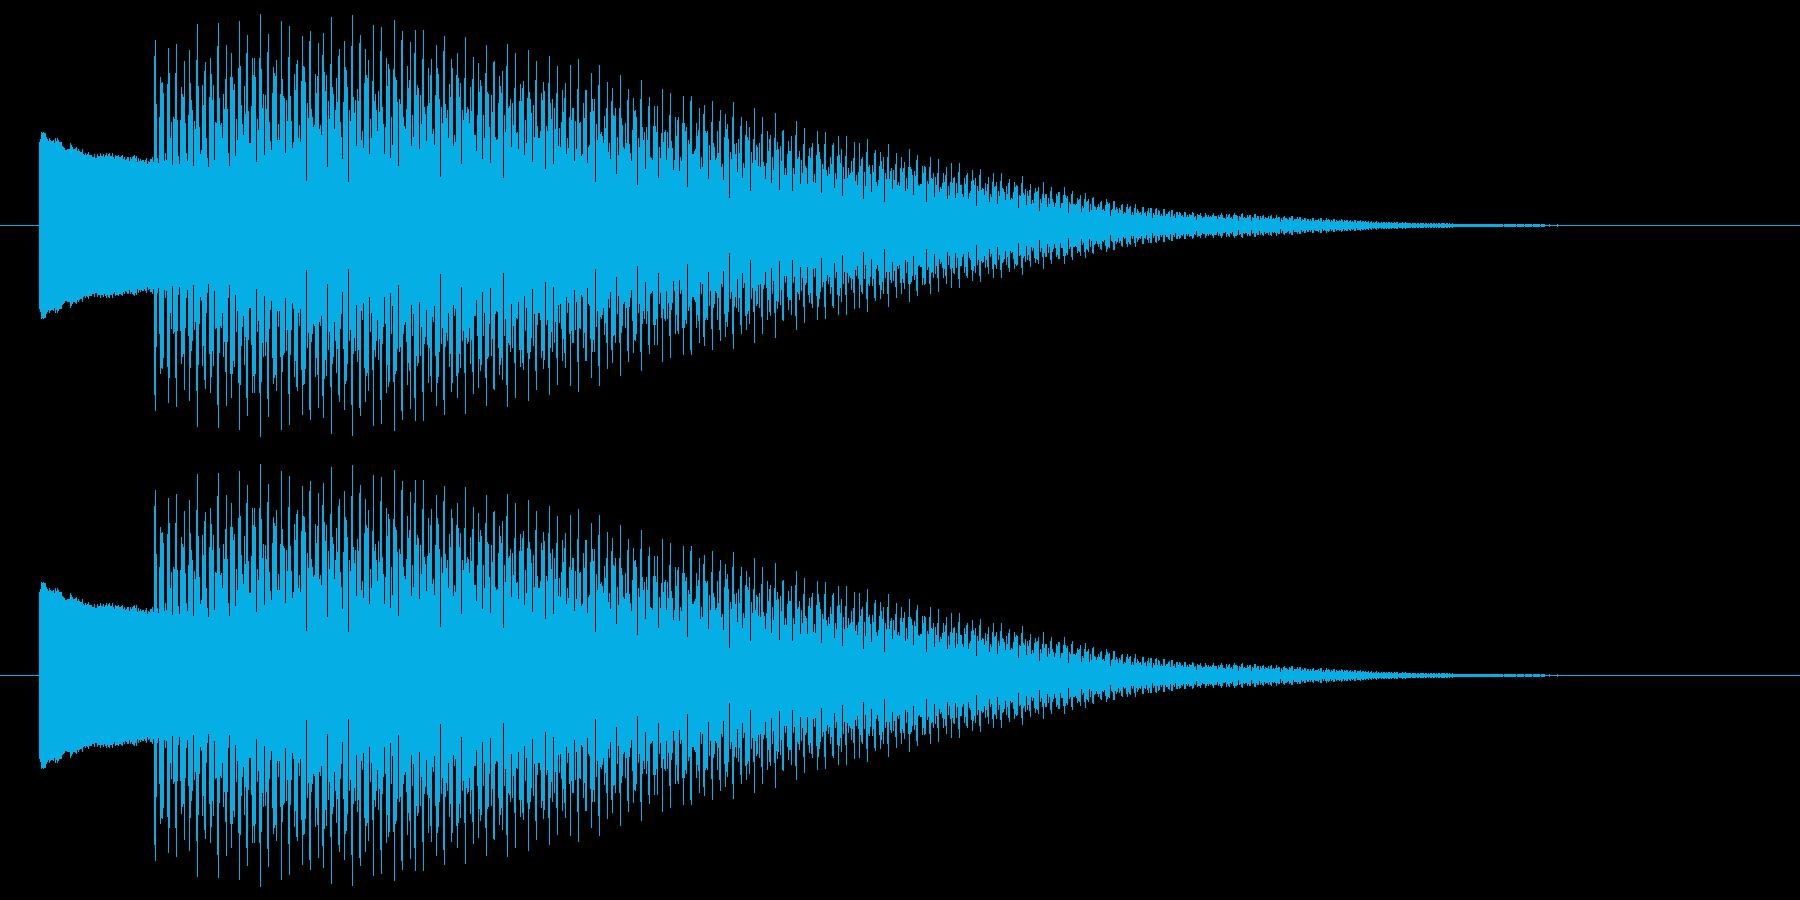 ピコーン 決定 選択 開始 セレクト音の再生済みの波形